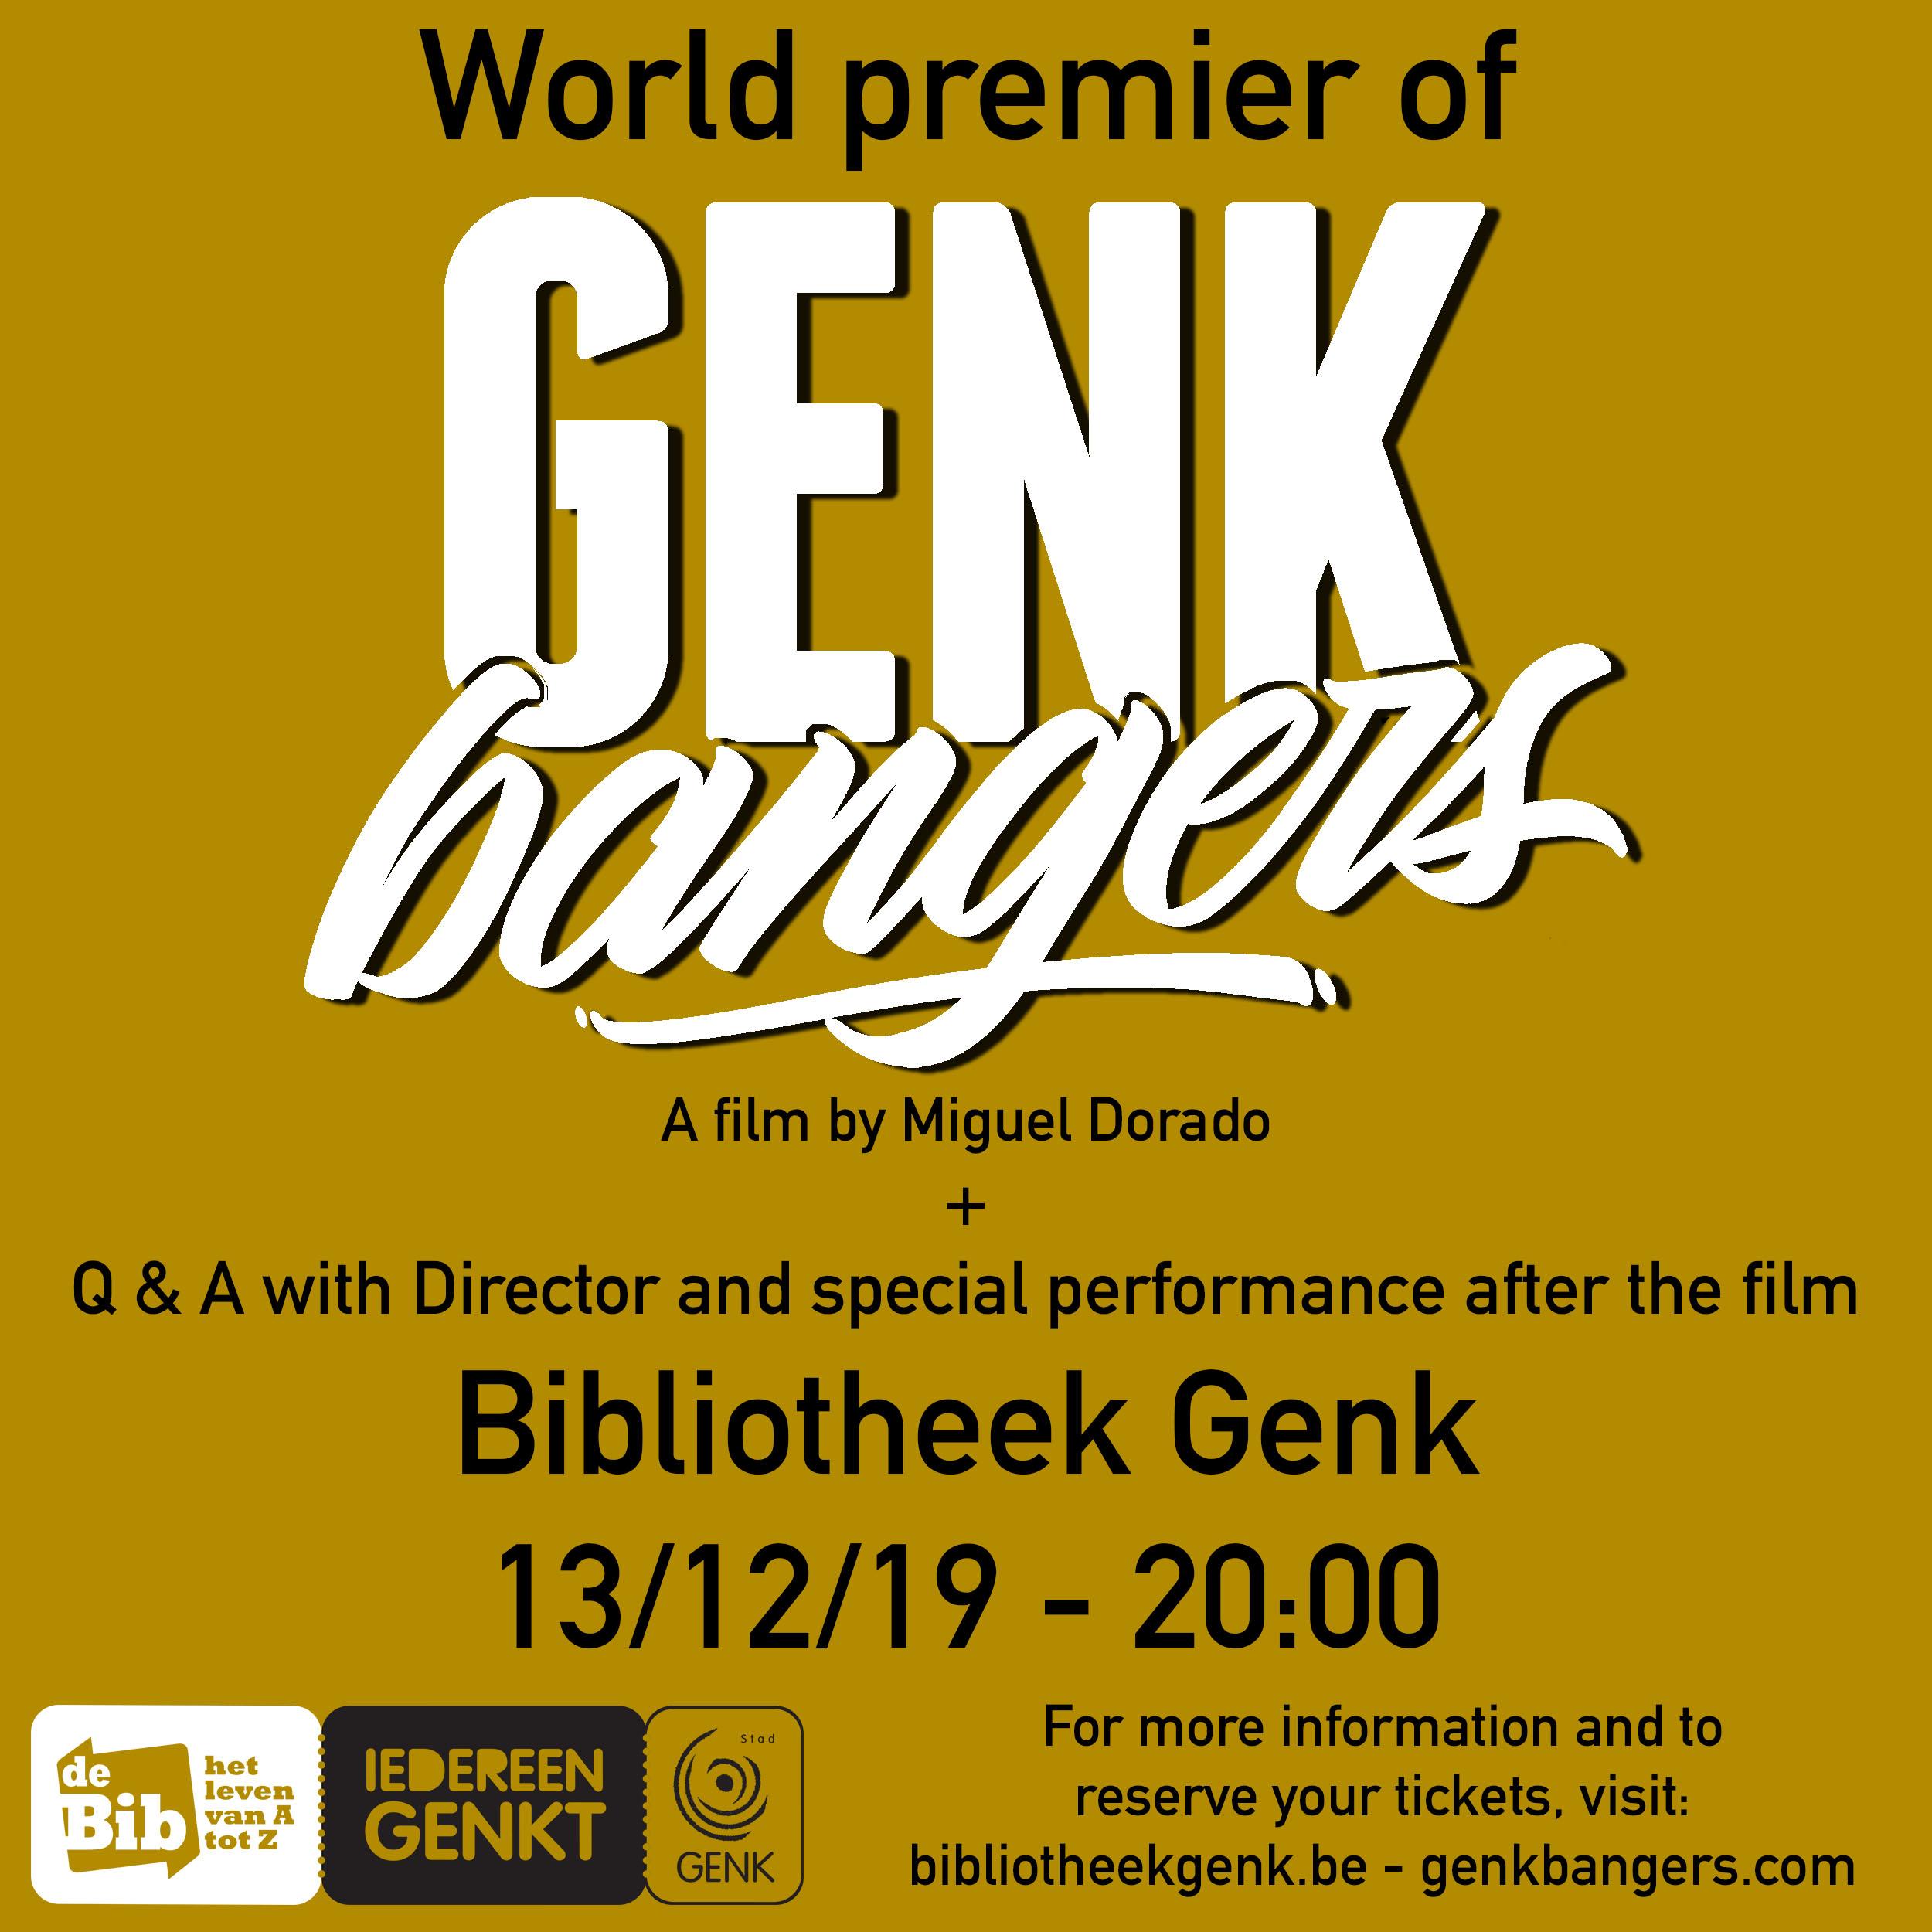 Film premier in Genk, Belgium 13/12/19